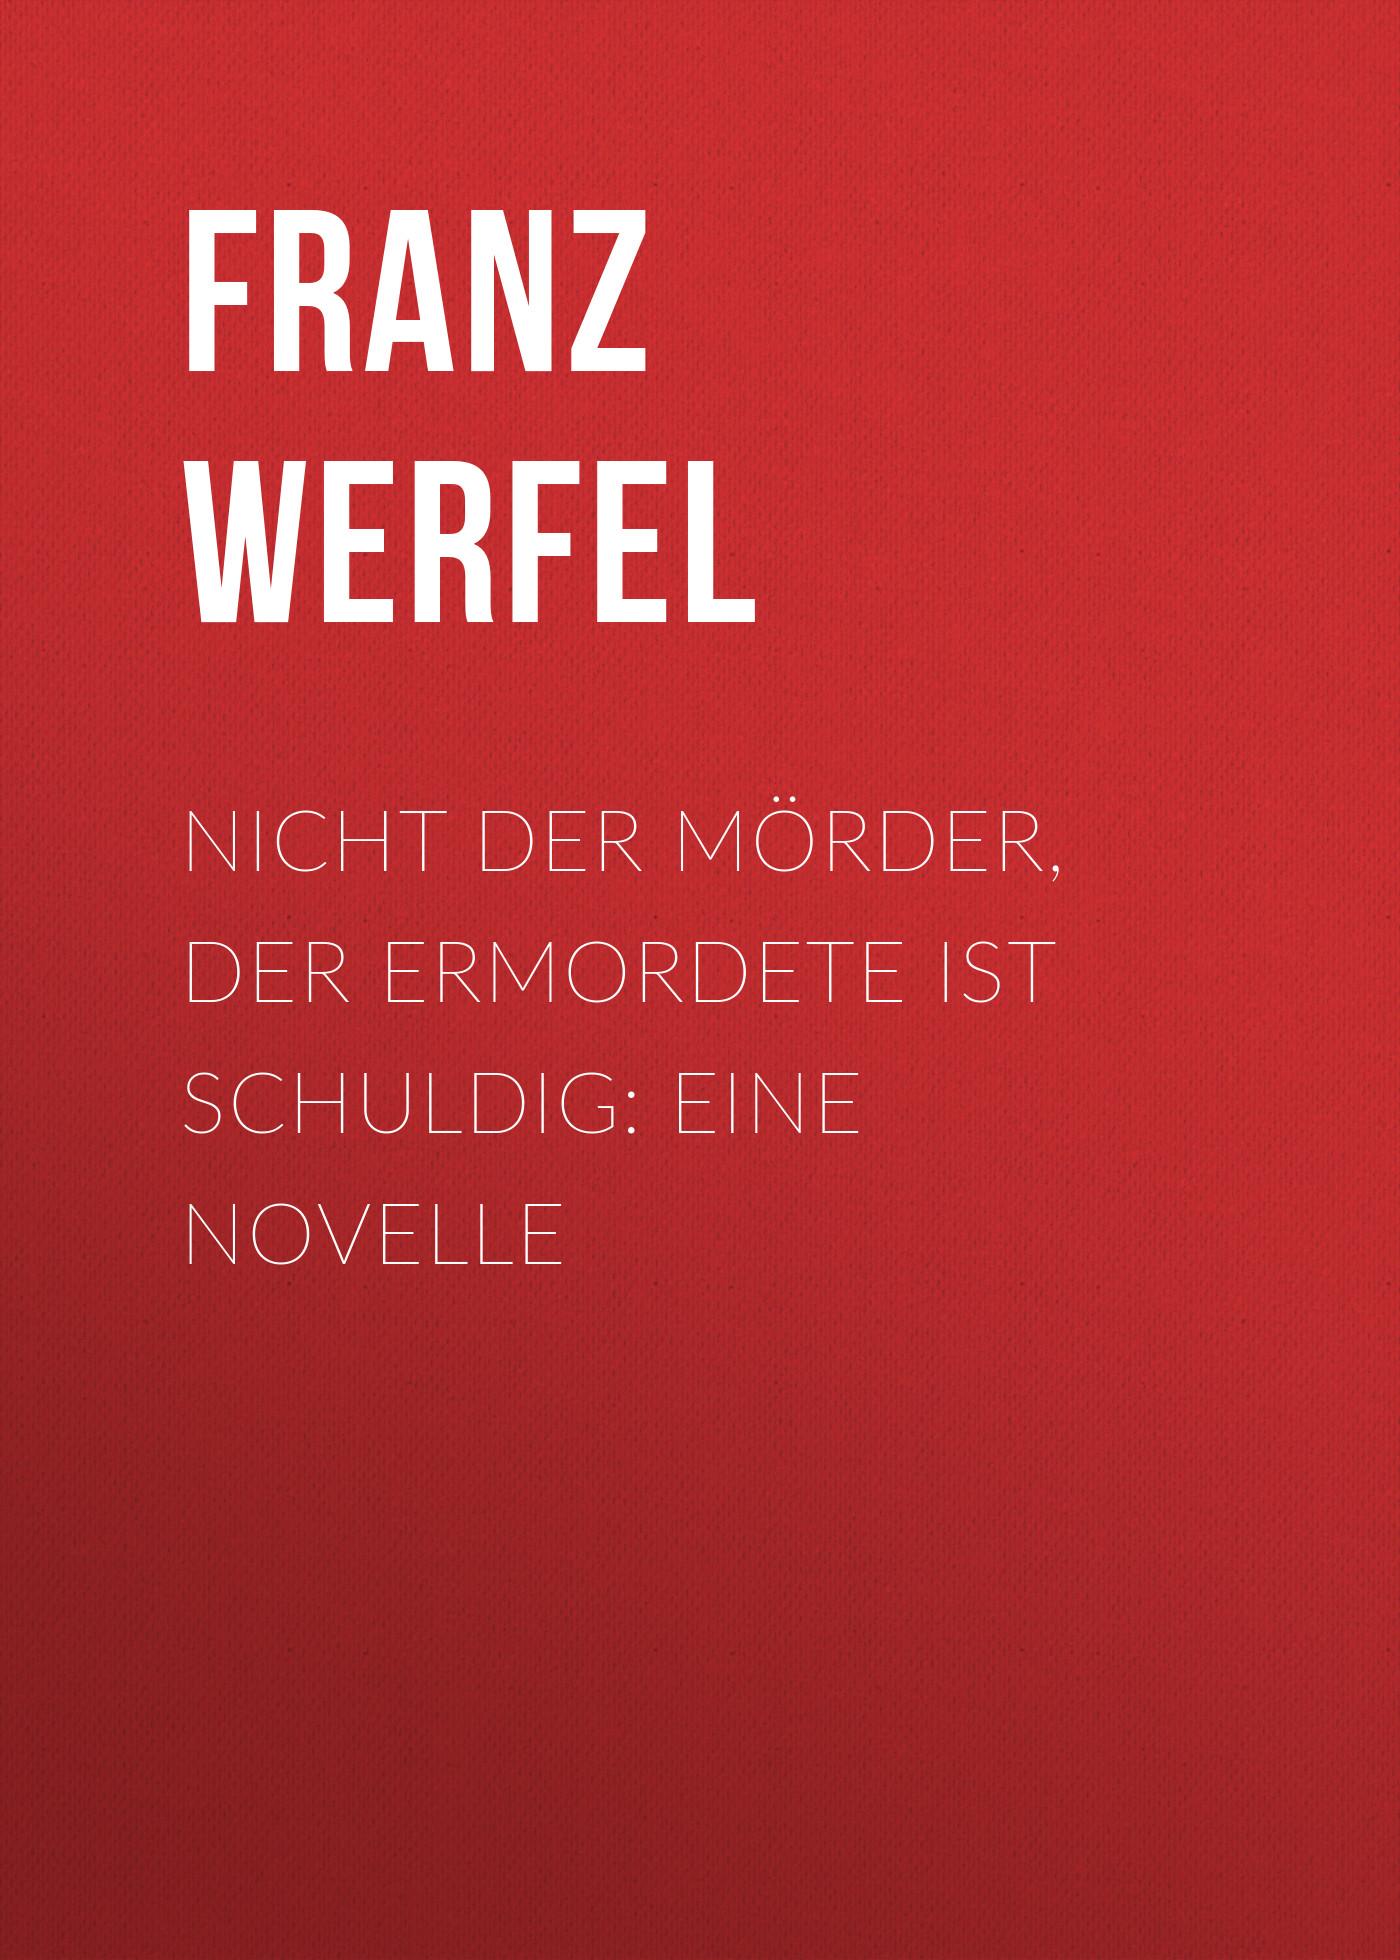 Franz Werfel Nicht der Mörder, der Ermordete ist schuldig: Eine Novelle j eccard der tag der ist so freudenreich